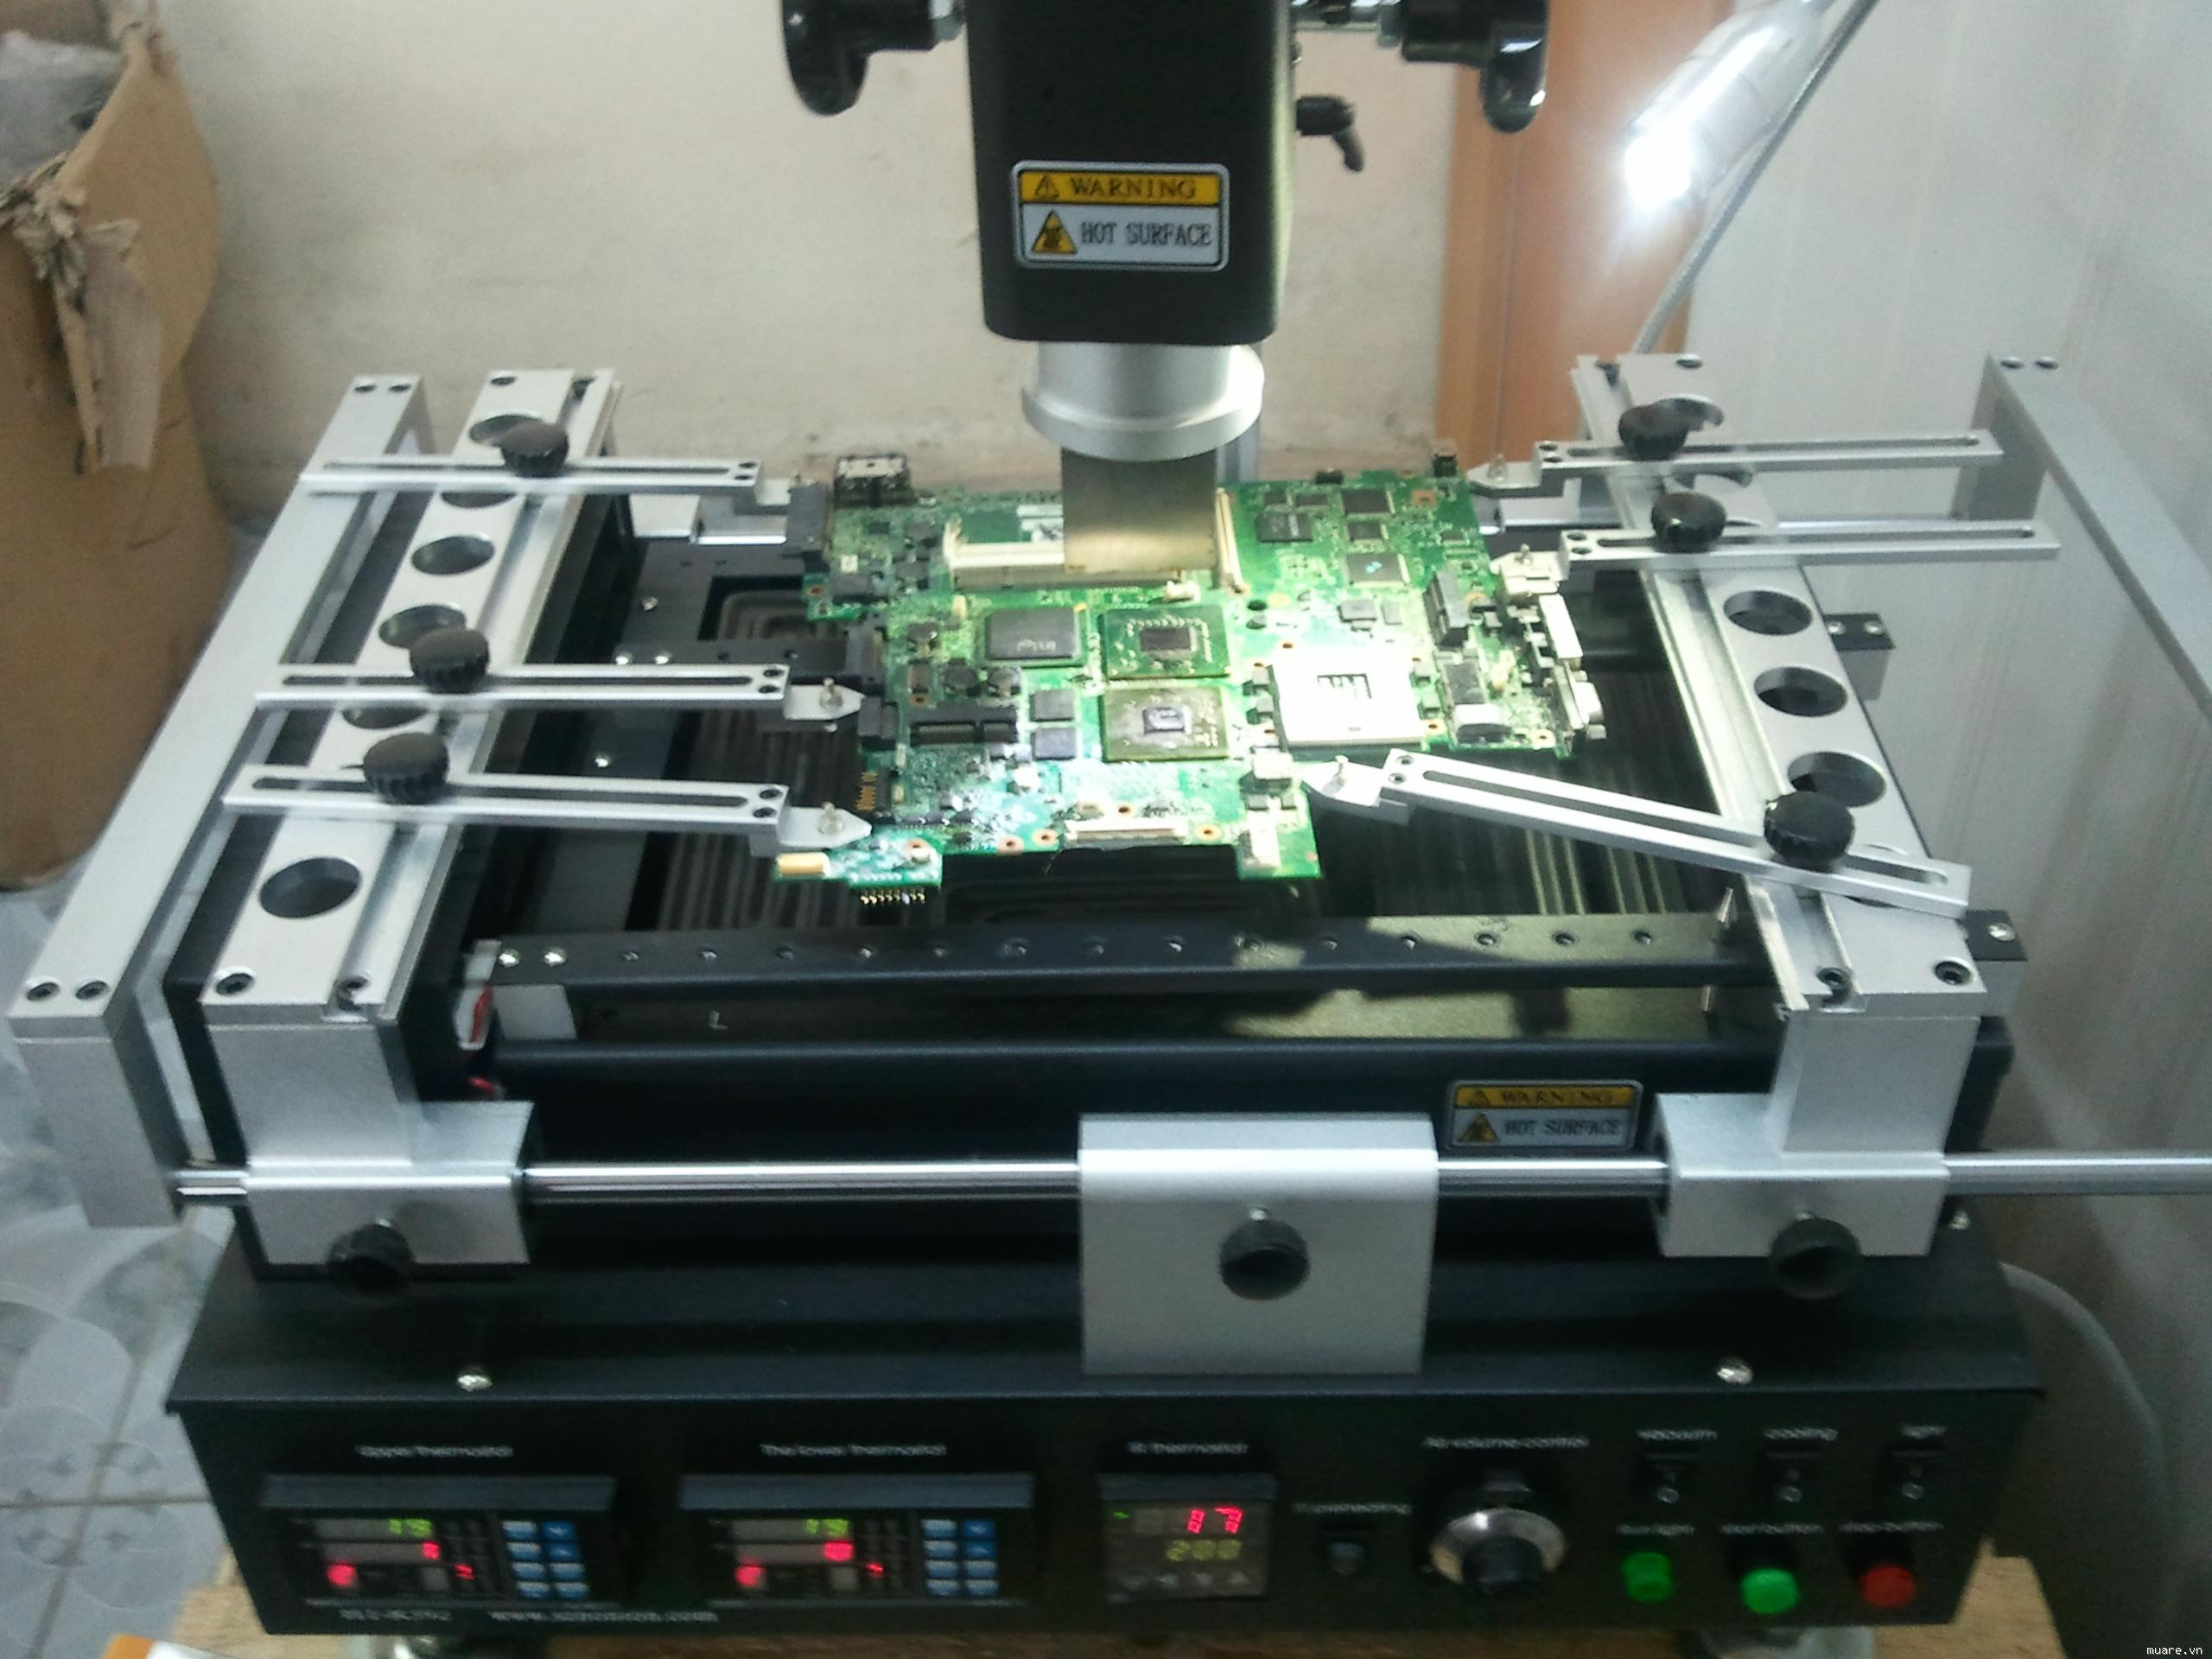 Trung tâm sửa chữa, thay thế linh kiện laptop, macbook giá rẻ